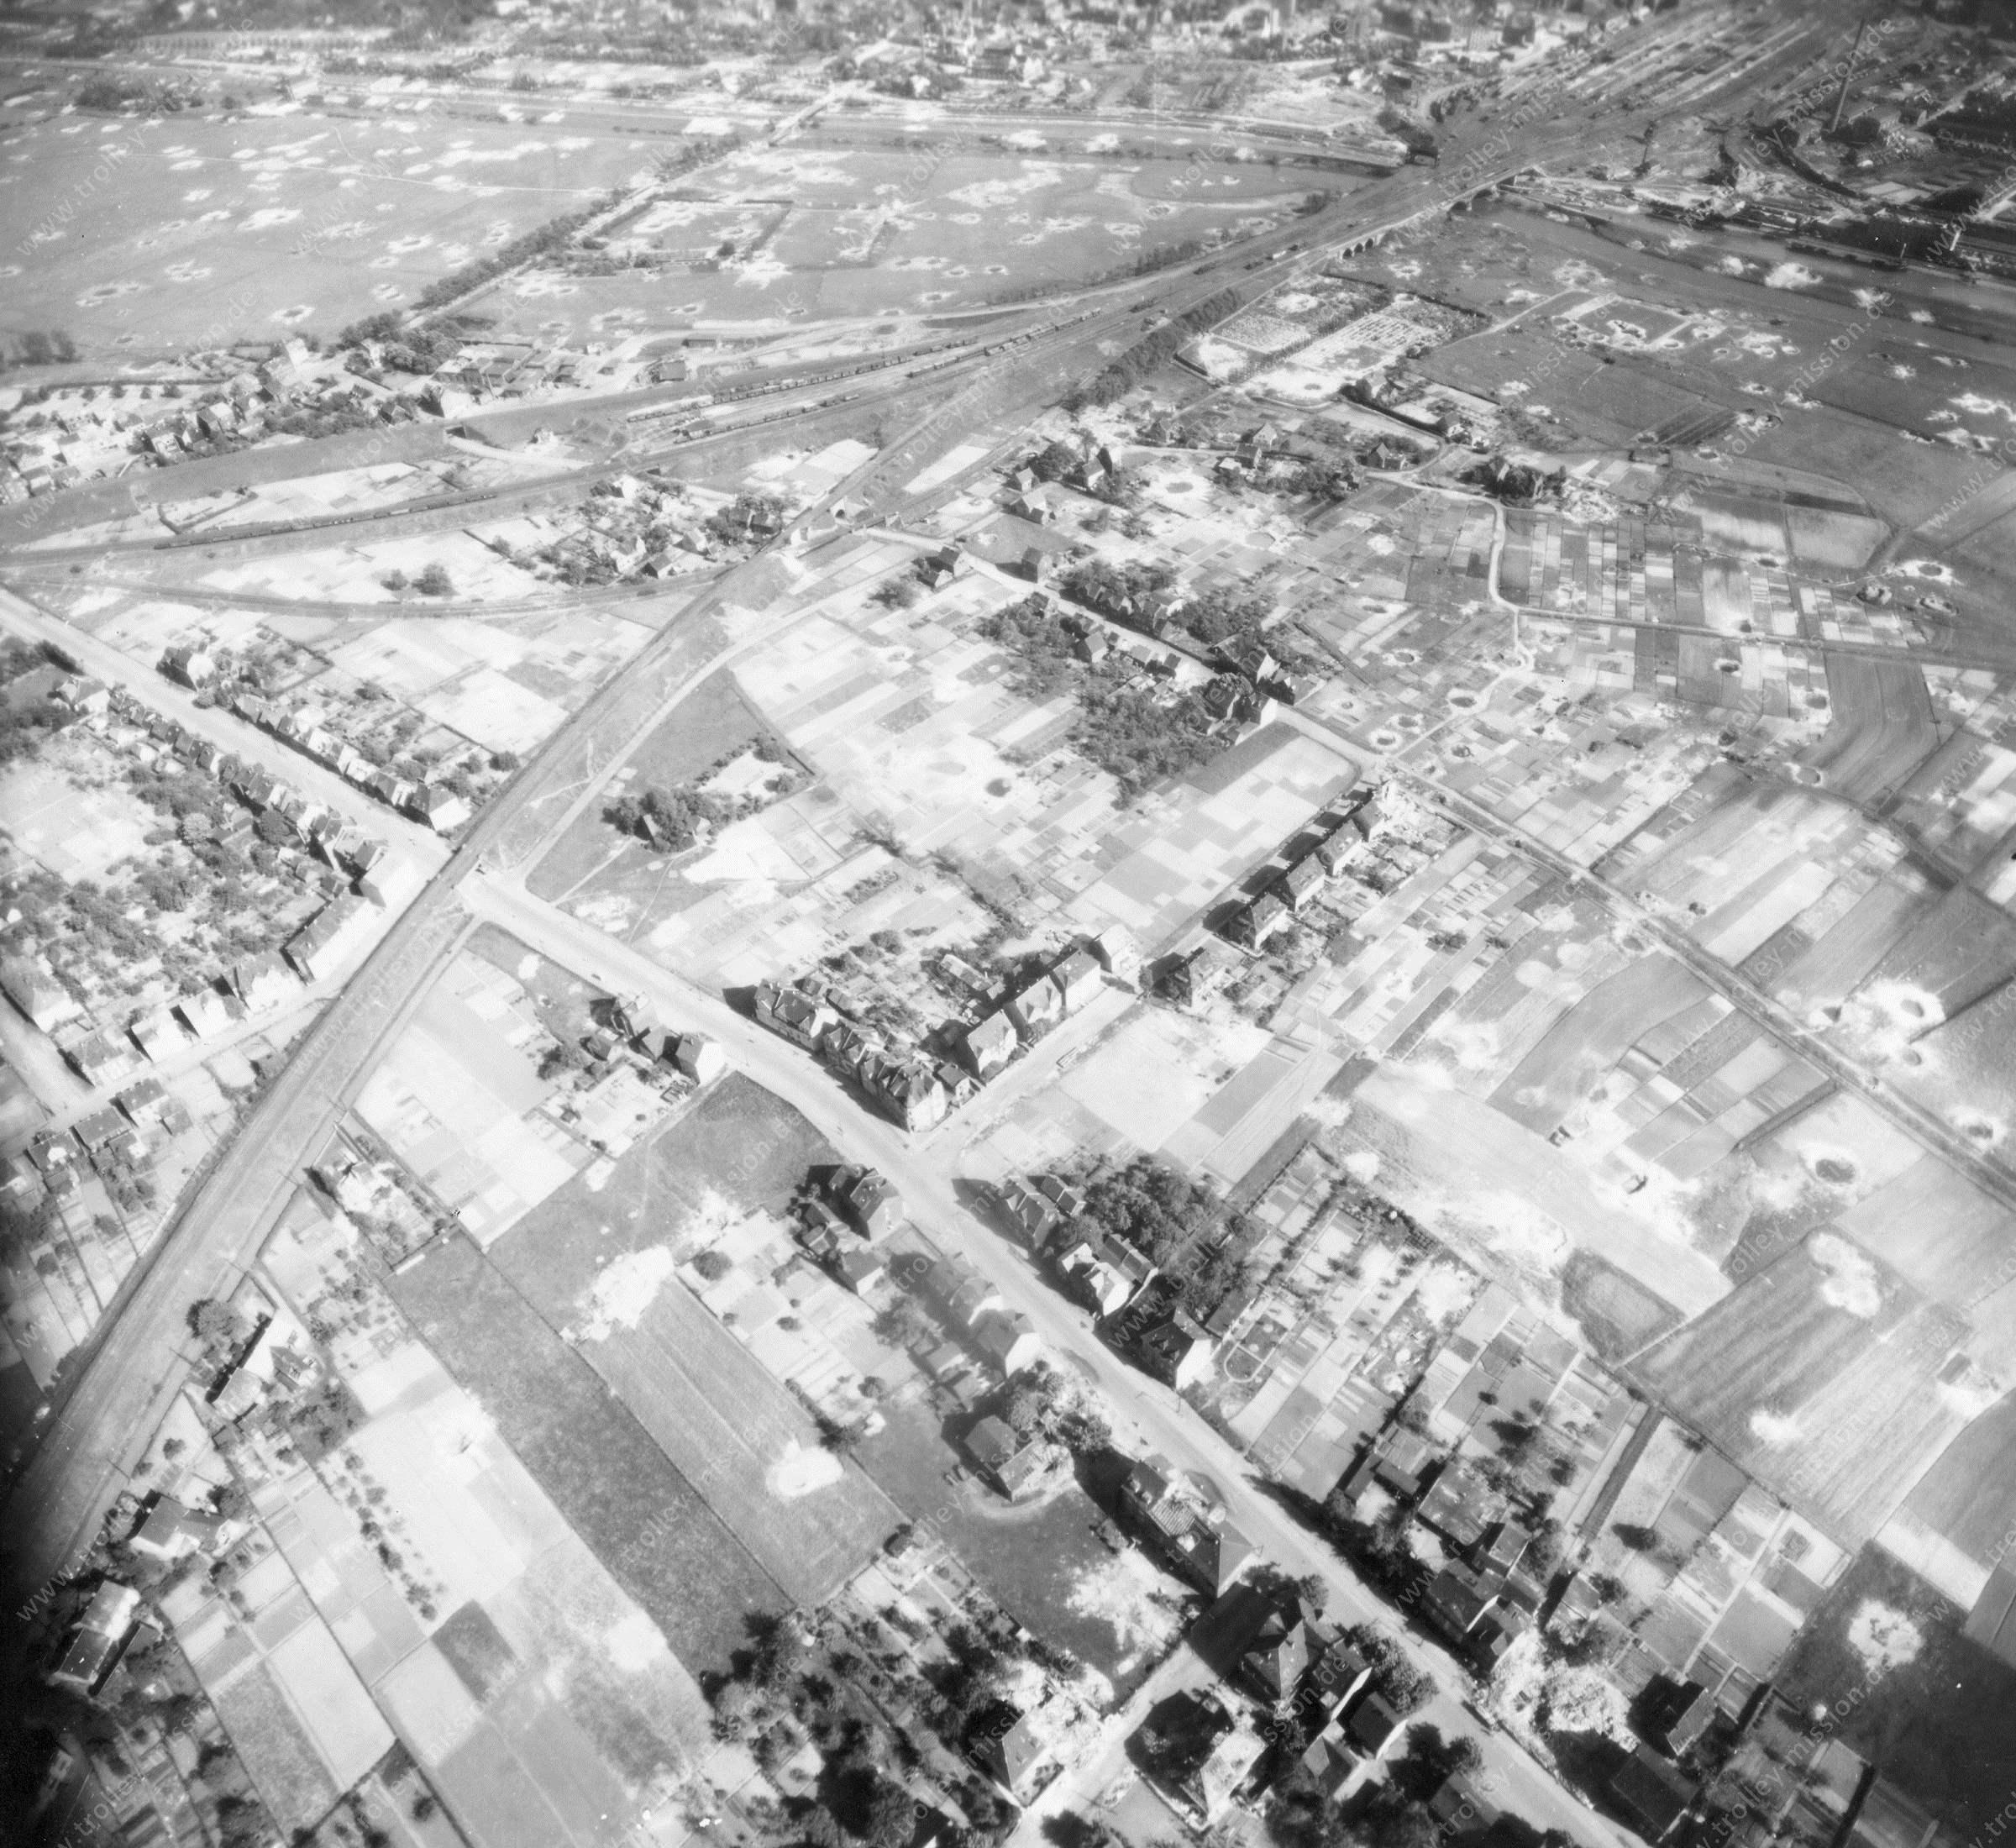 Luftbild von Hamm am 12. Mai 1945 - Luftbildserie 1/5 der US Air Force